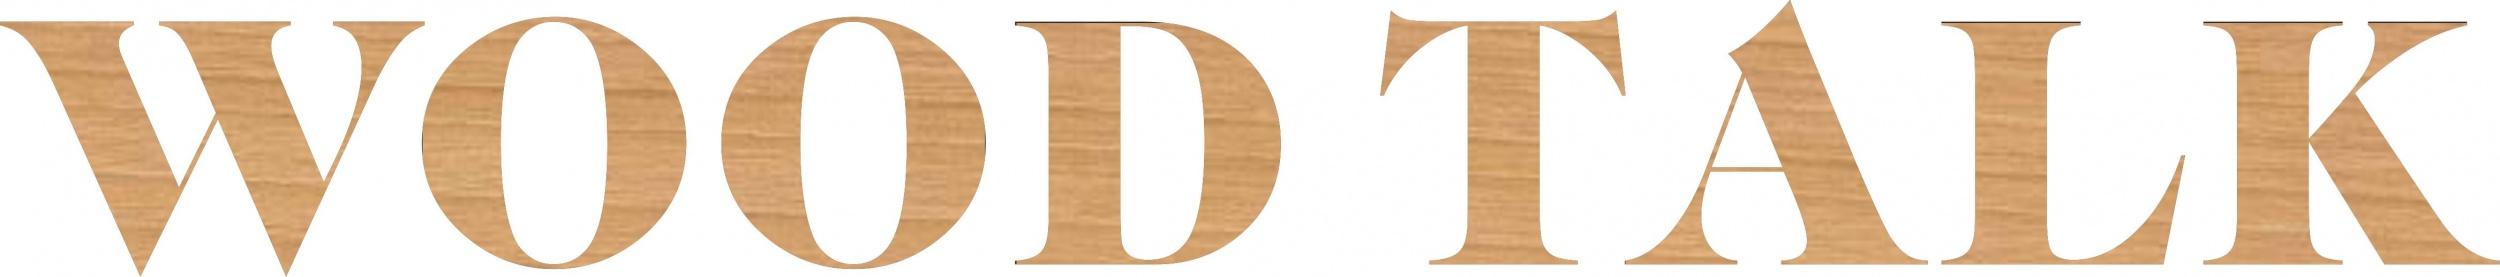 木紋磚系列 - 意大利IMOLA陶瓷